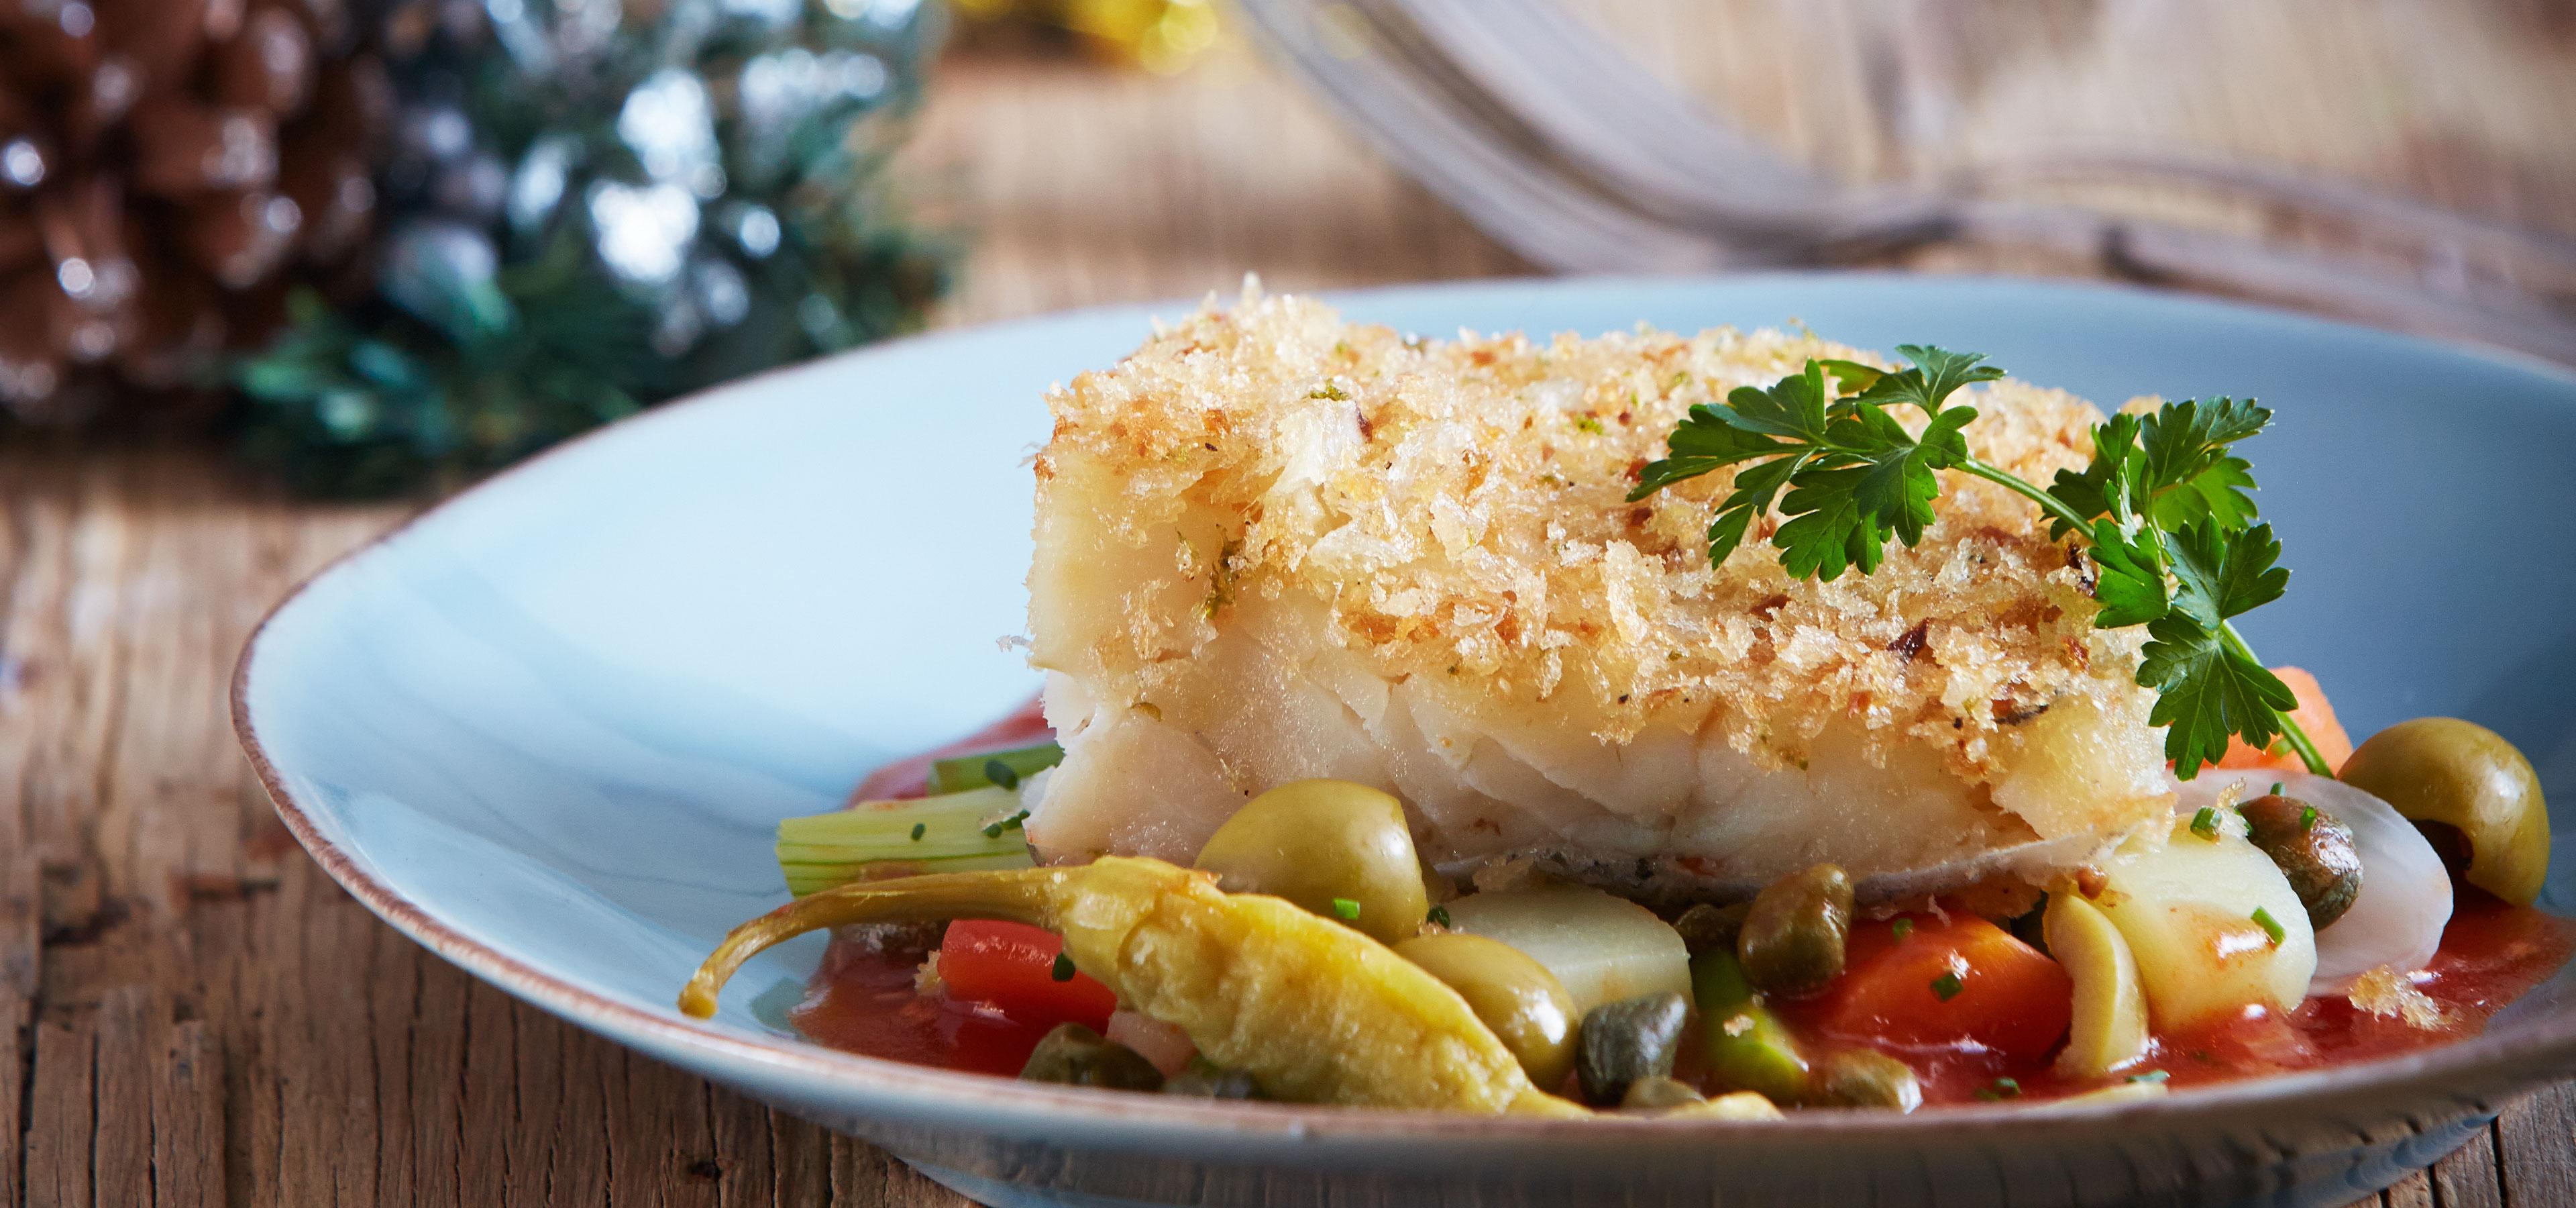 Bacalao al horno con vegetales y salsa de tomate chef - Salsa para verduras al horno ...